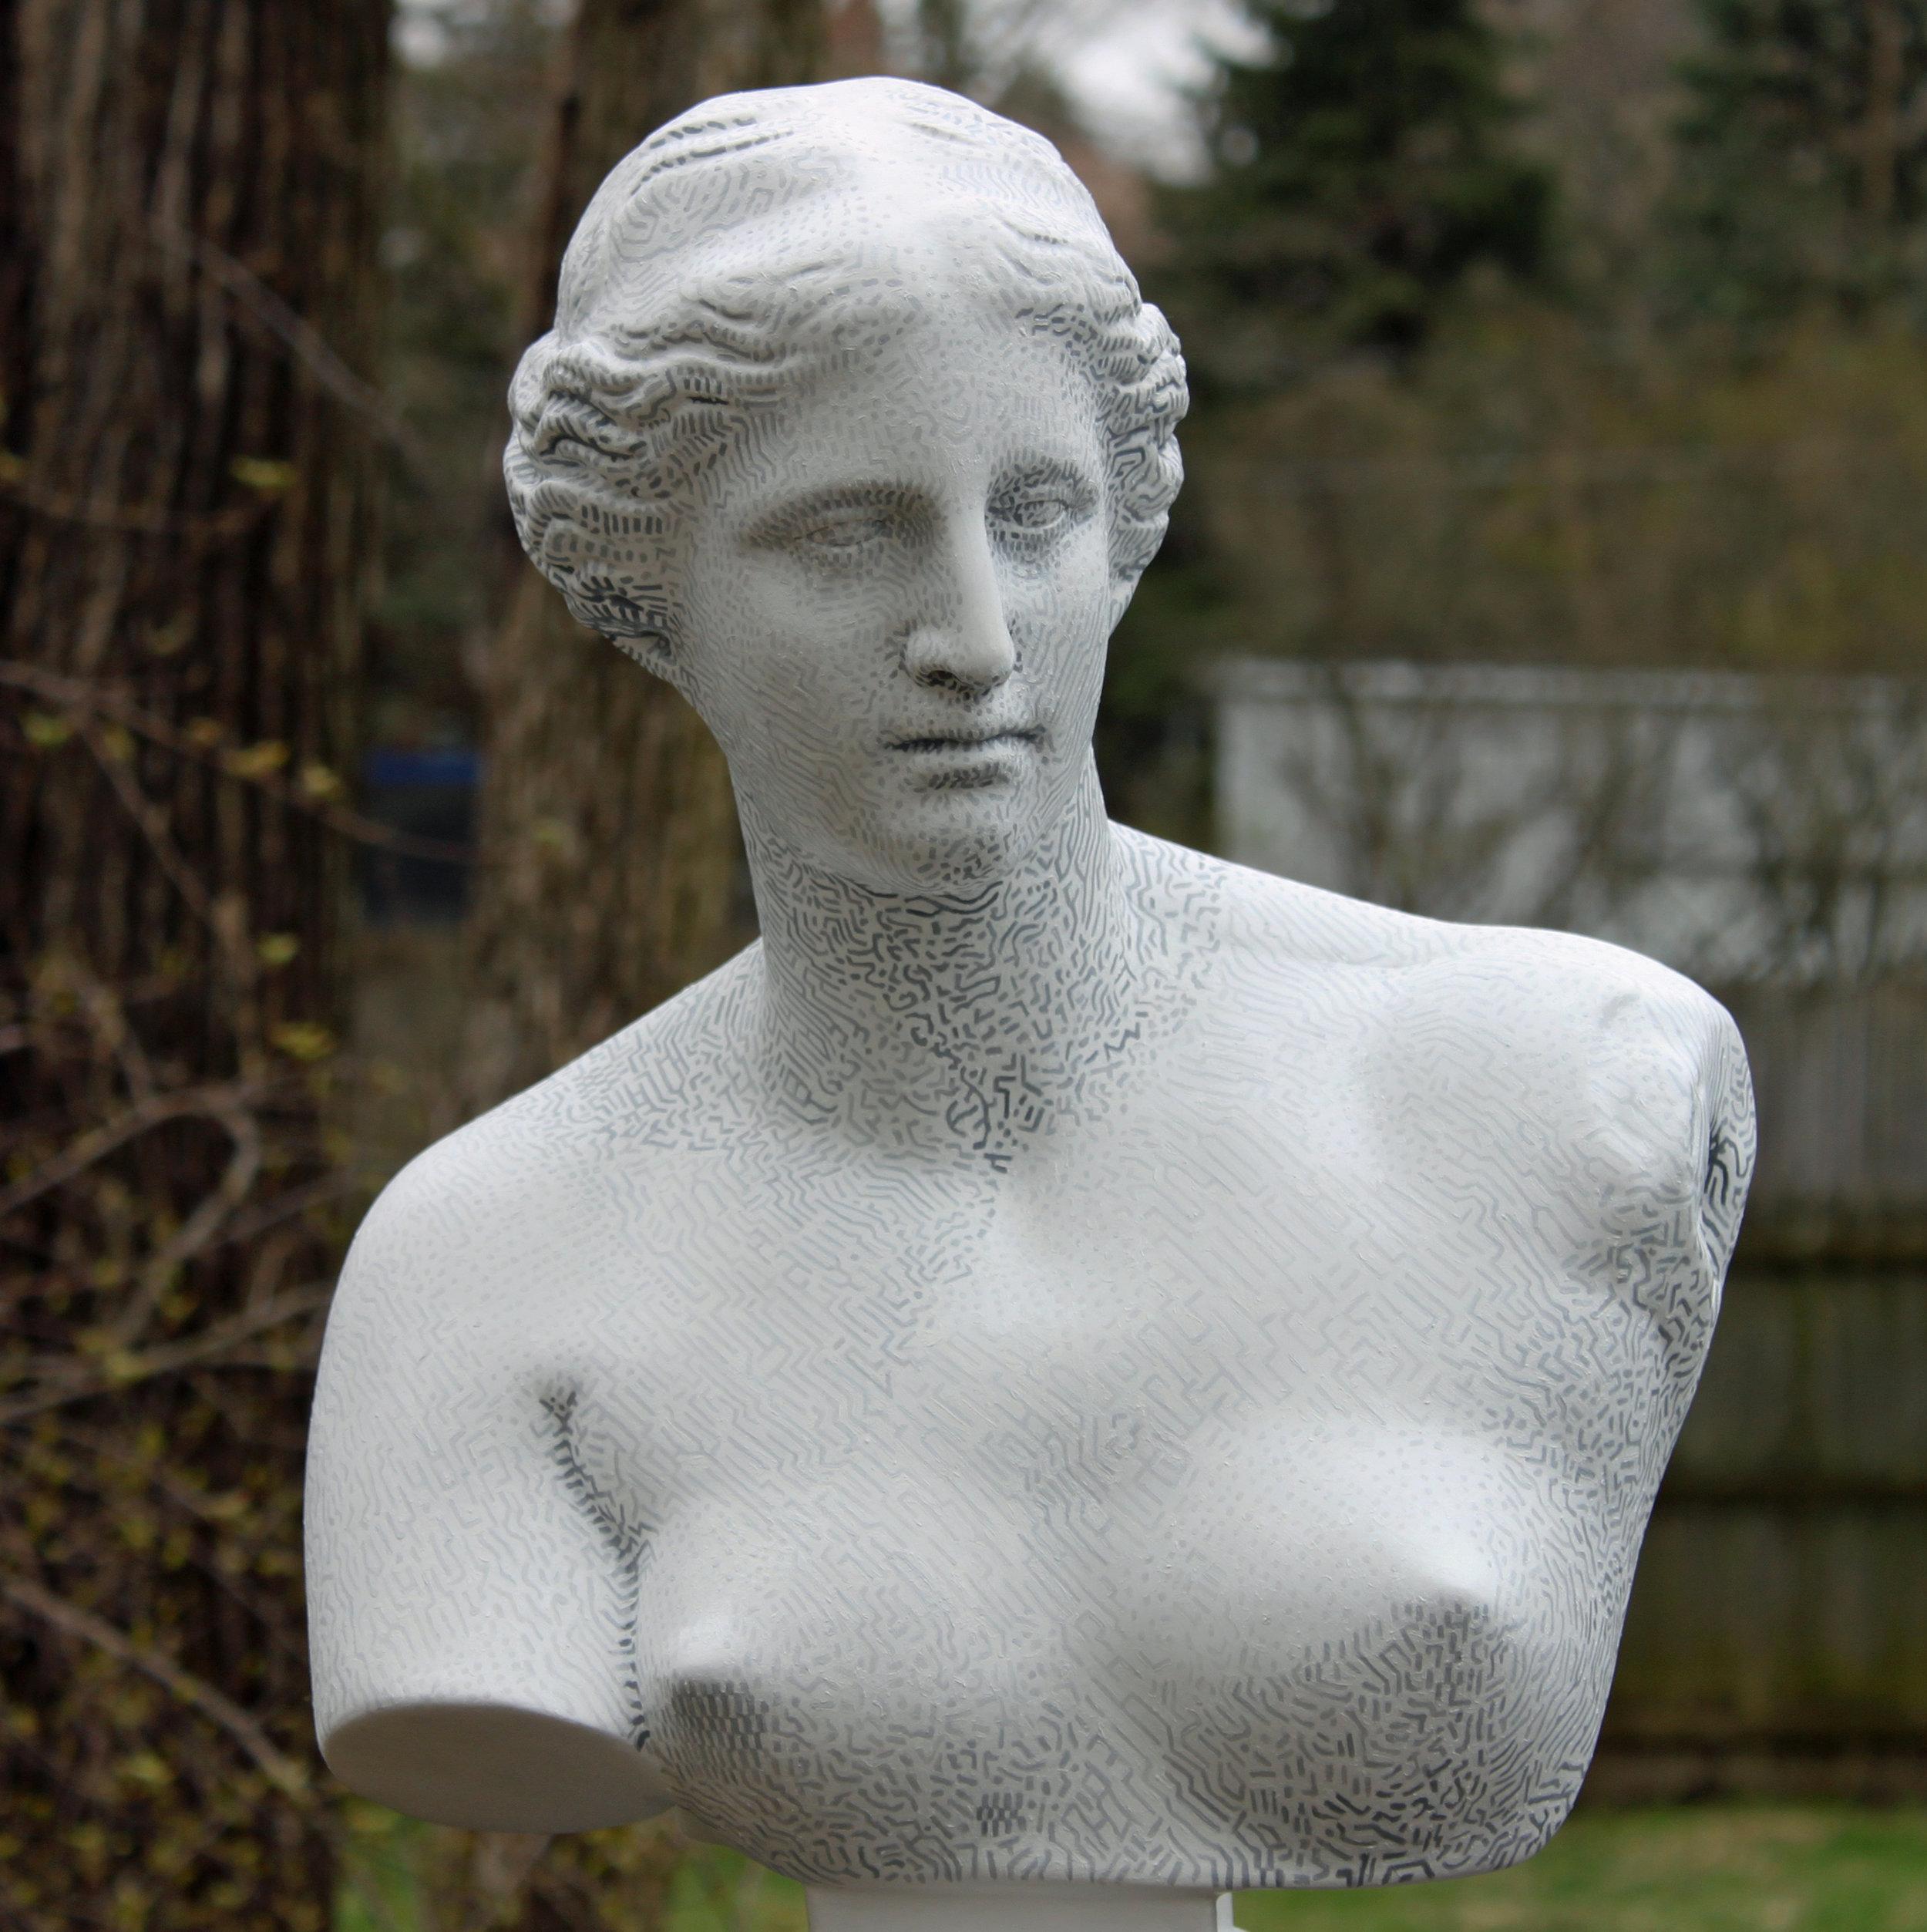 Aphrodite 2017, $6,000